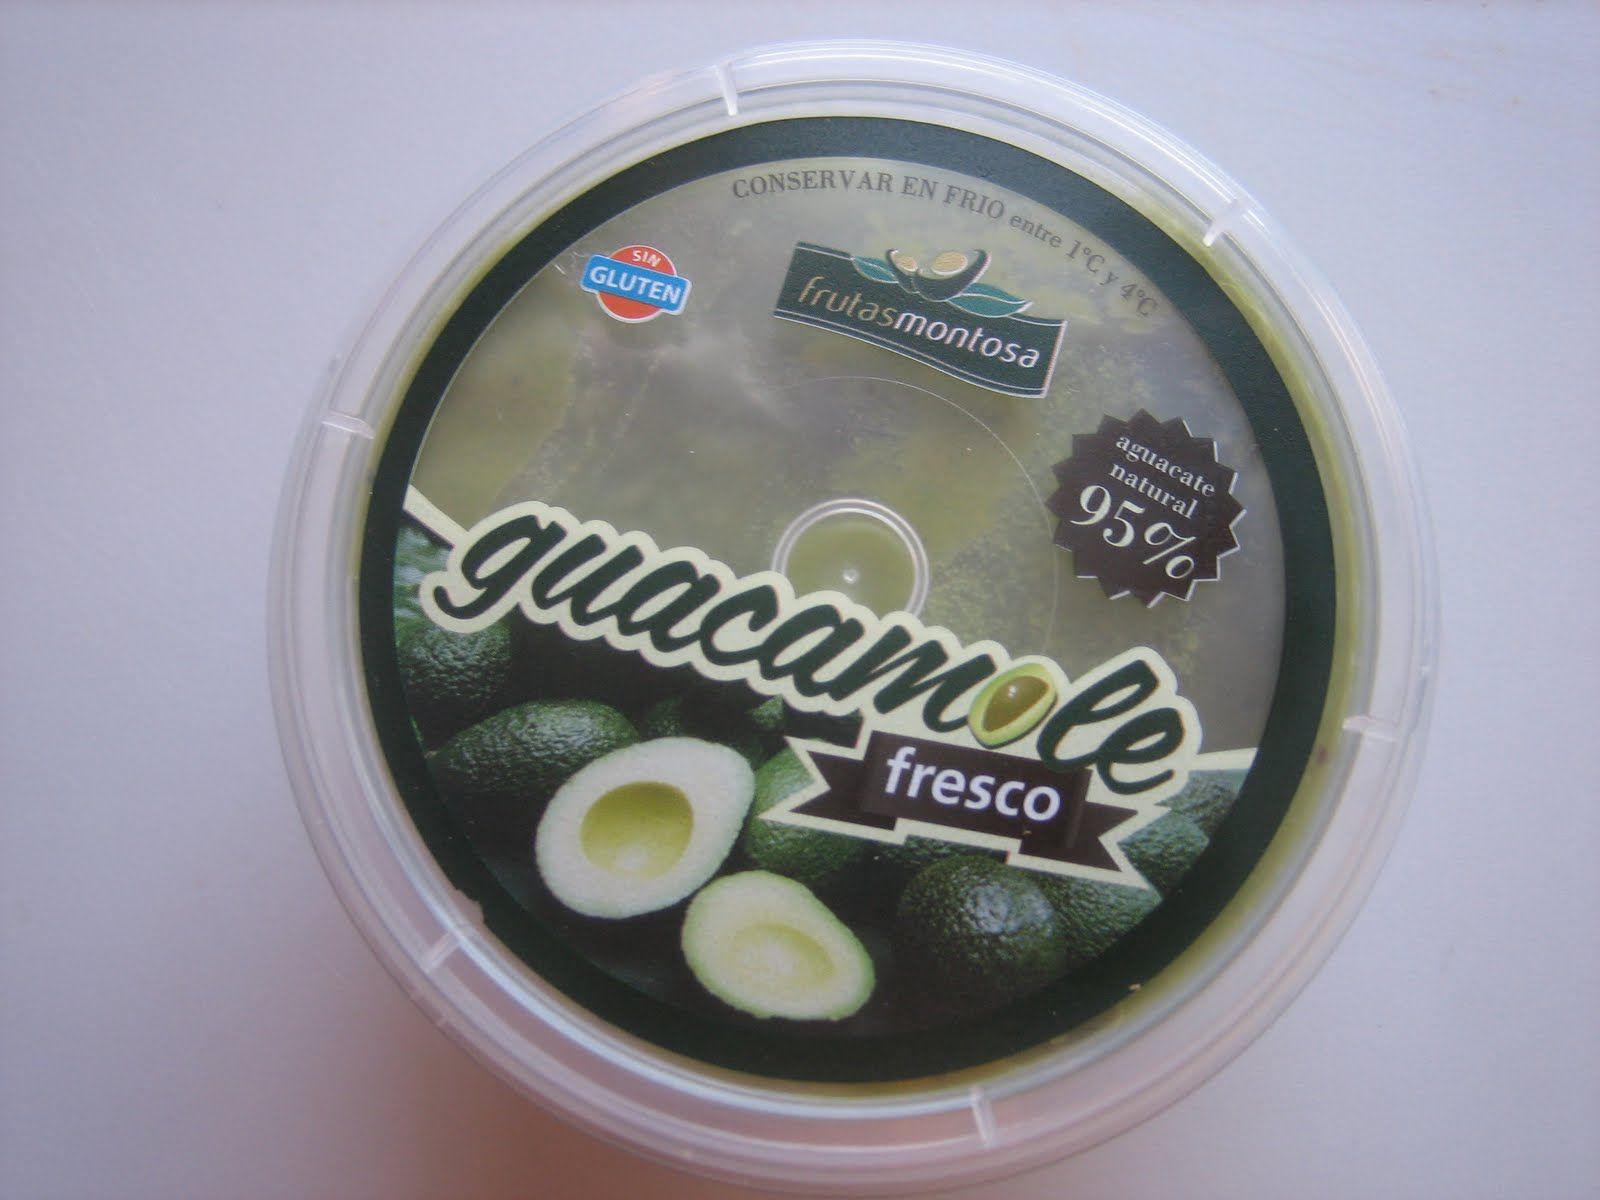 Valmis hyvä guacamole Espanjasta. Voisi lisätä vain mausteita niin olisi helpompaa?